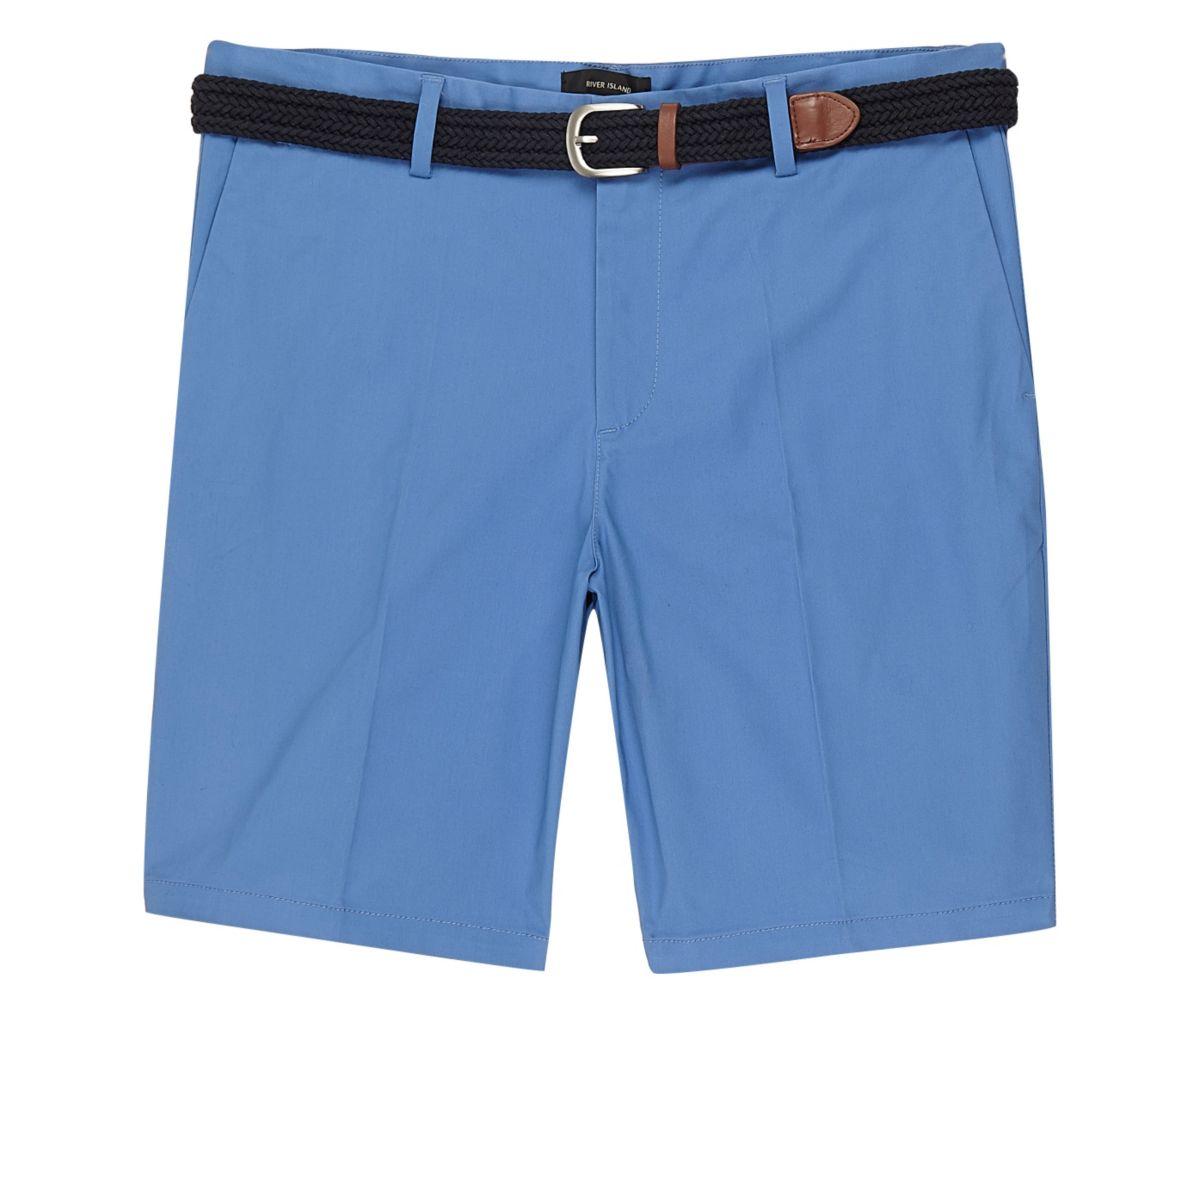 Blauwe slim-fit short met riem